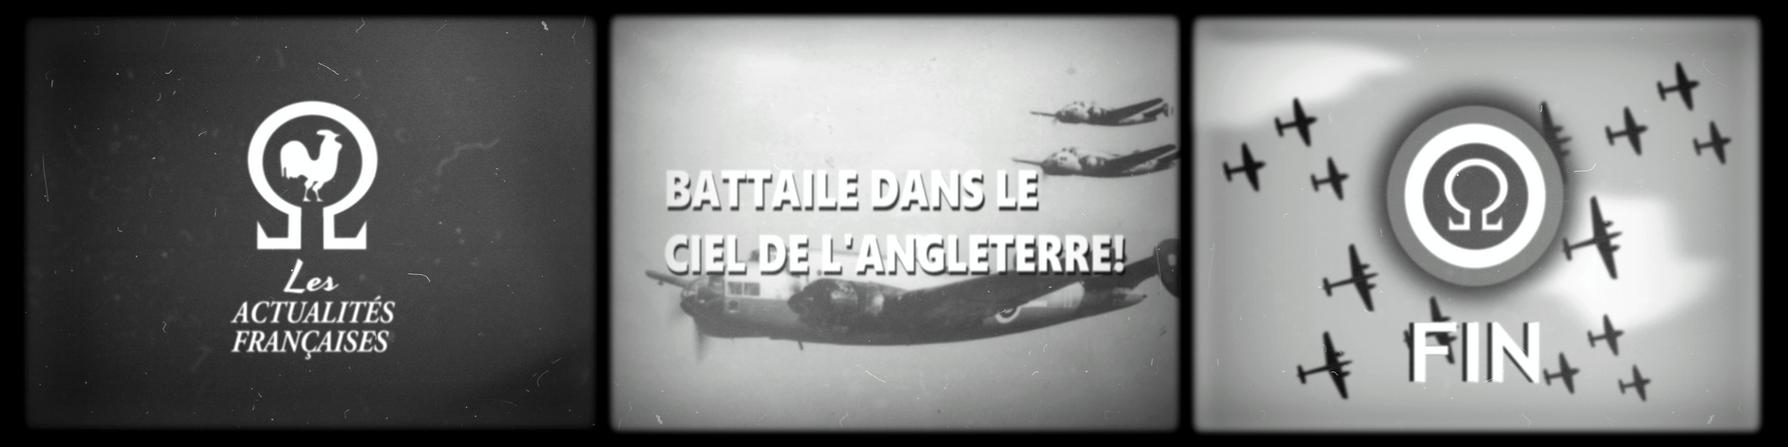 Battaile Dans Le Ciel De L'Angleterre! by KingWillhamII